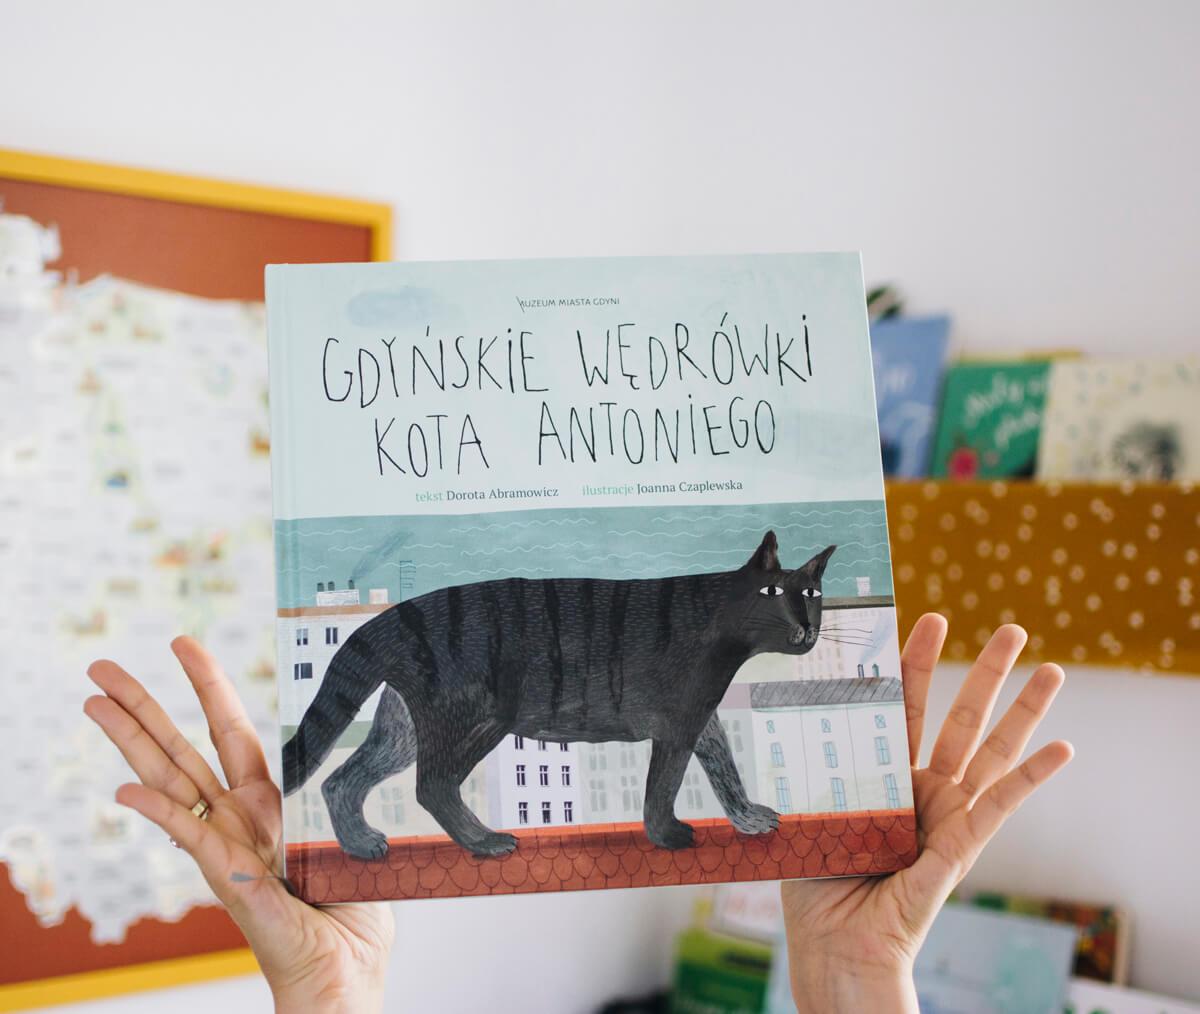 Gdyńskie wędrówki kota Antoniego